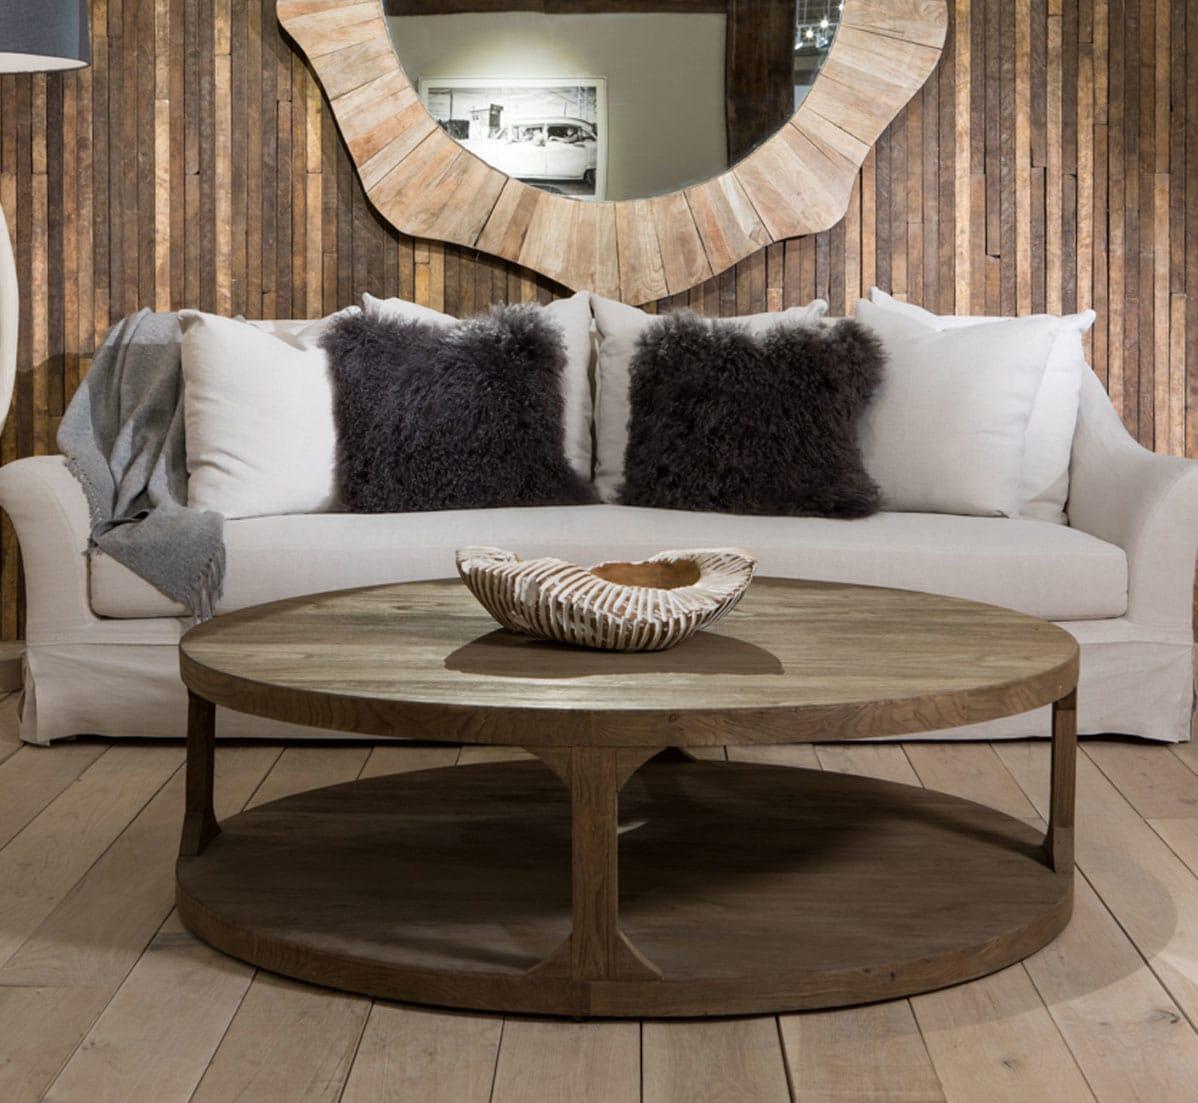 Verellen Retailer | Upscale Furniture Stores | August Haven Regarding Haven Sofa Chairs (Image 20 of 20)